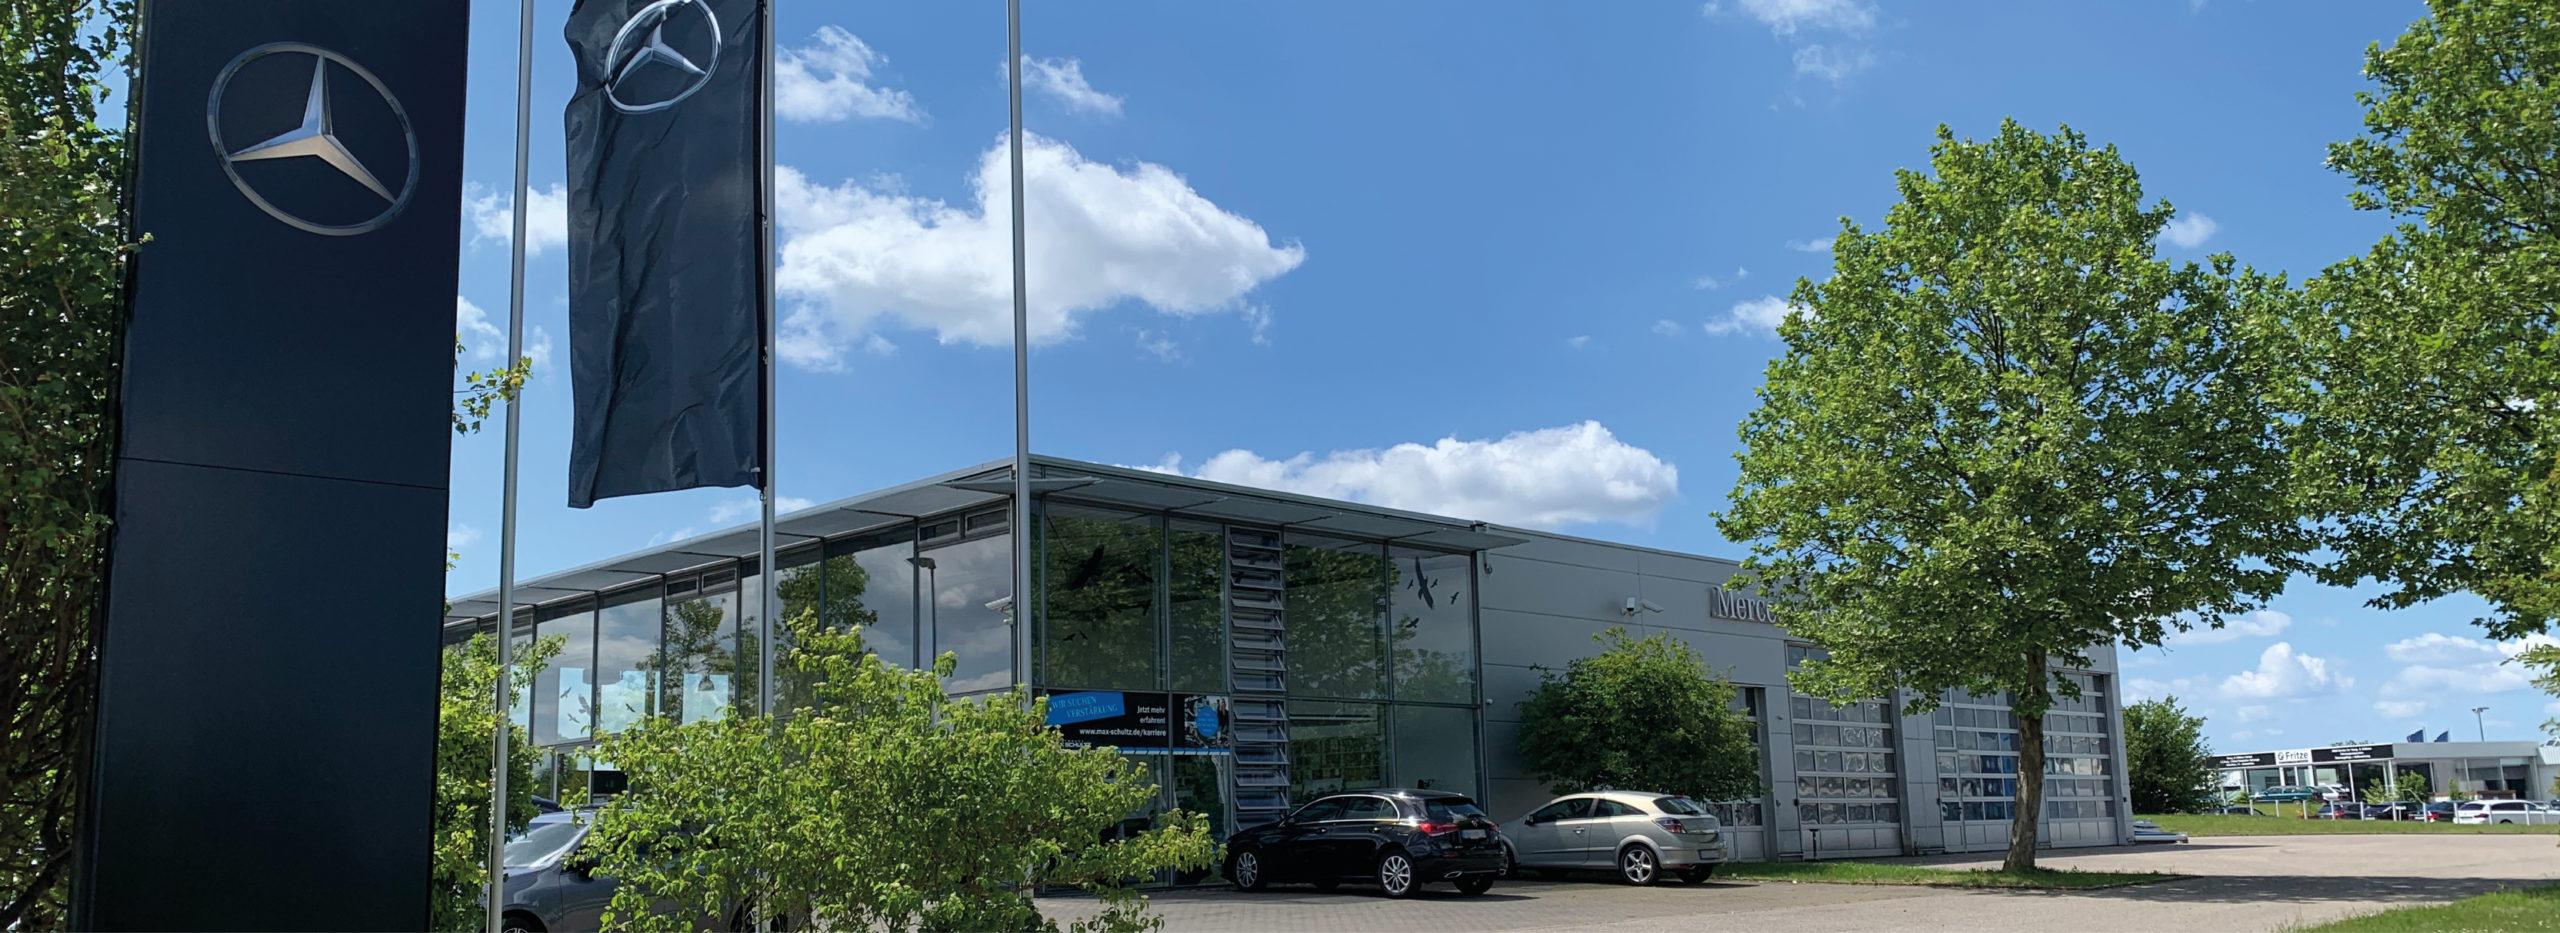 Autohaus_Max-Schultz-Standort-Naumburg